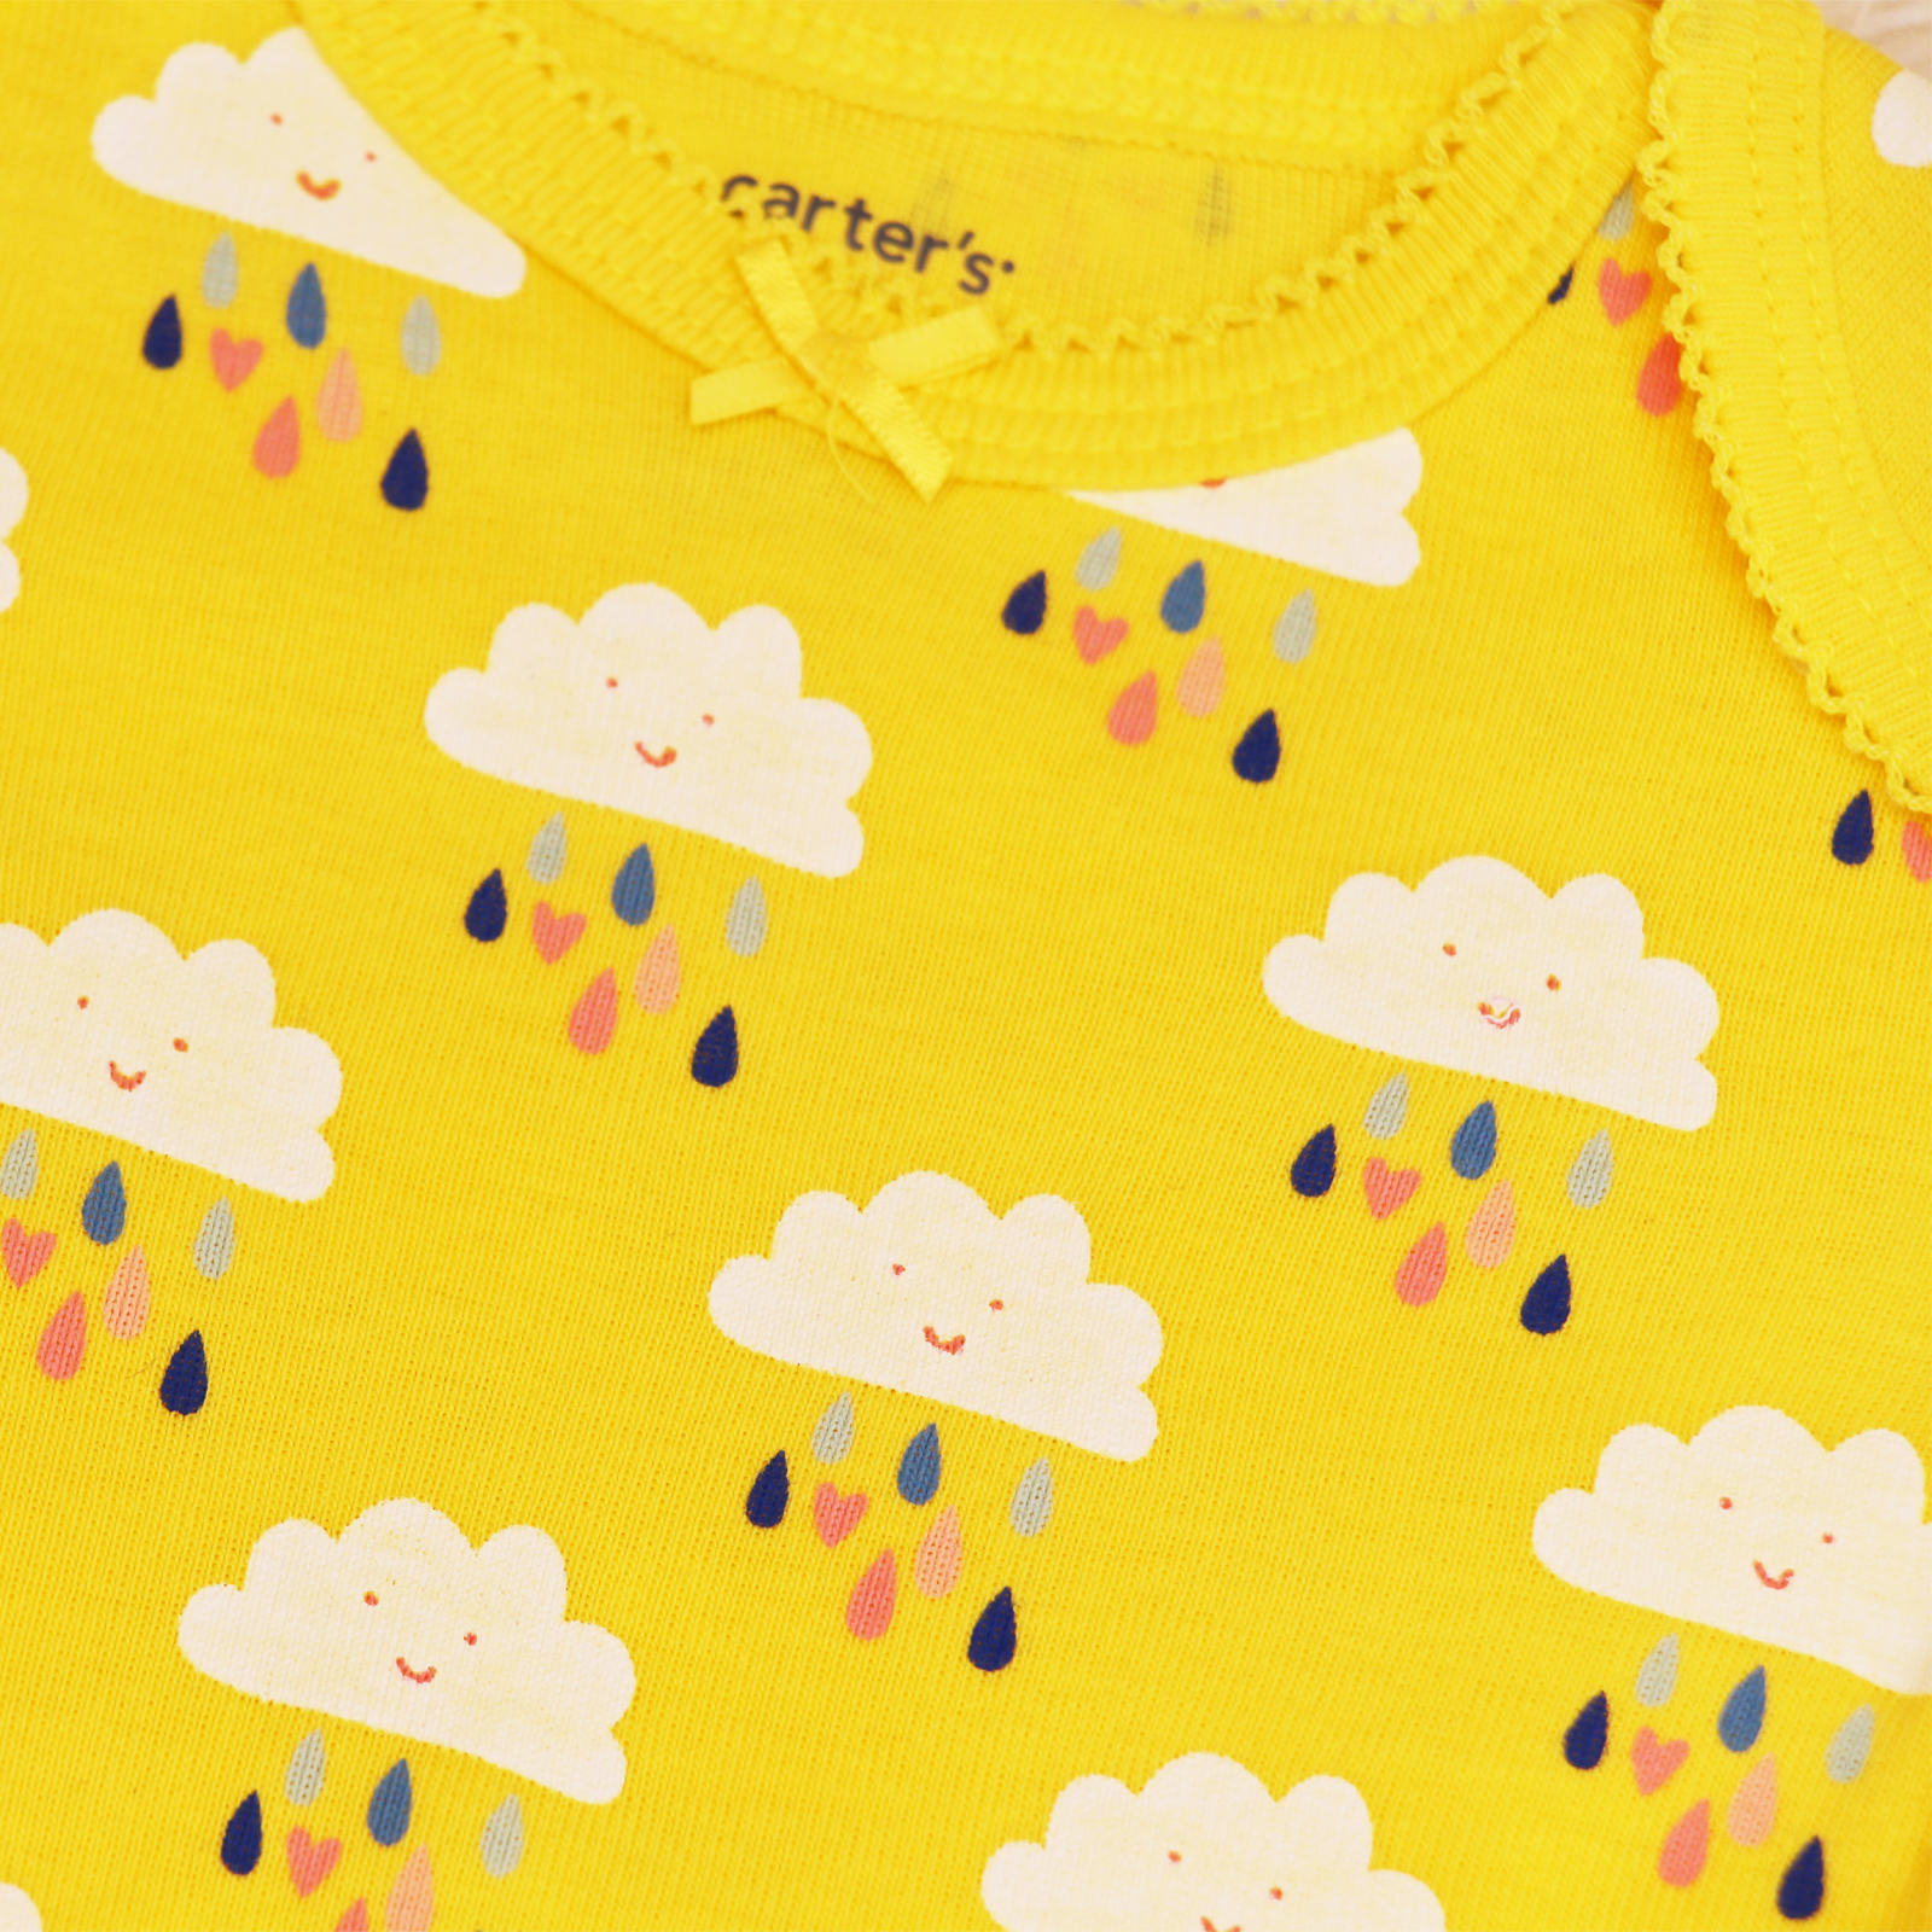 ست 3 تکه لباس نوزادی دخترانه کارترز کد 112 -  - 4